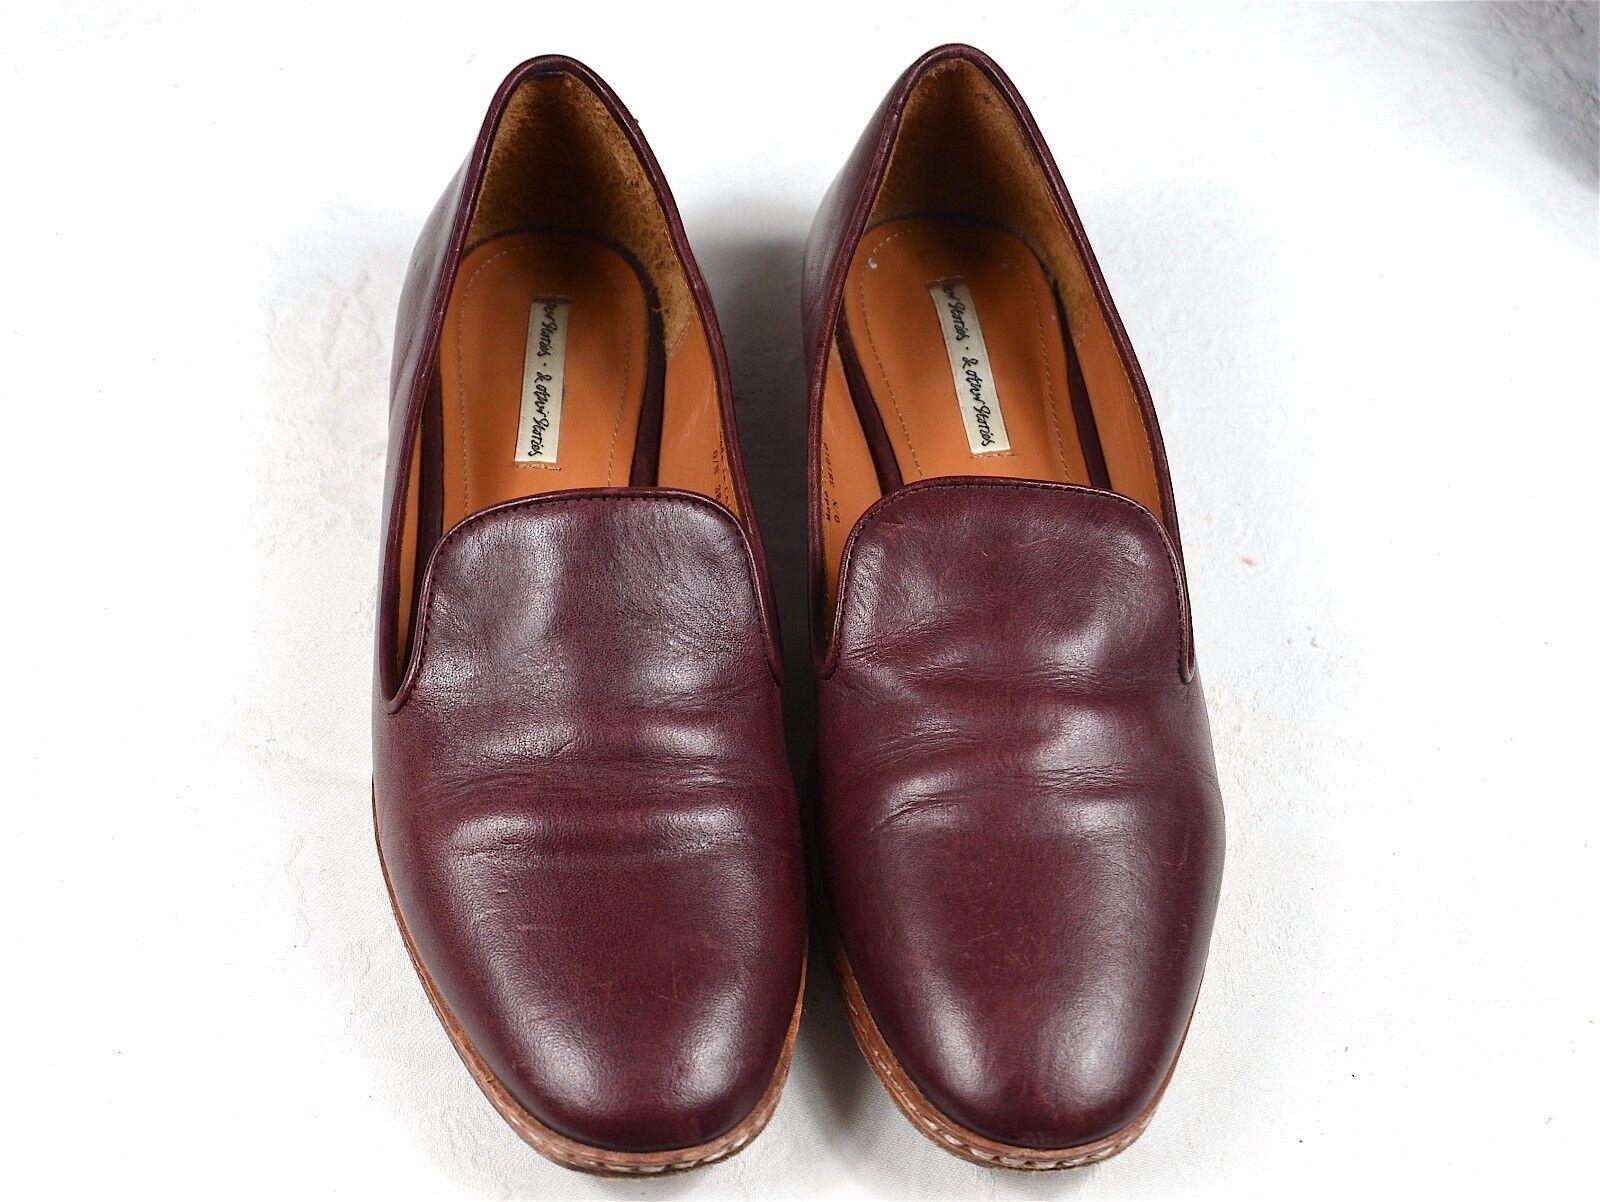 Cómodo y bien parecido Descuento por tiempo limitado Mocassins bordeaux en cuir & Other Stories. Leather burgundy loafers slippers.